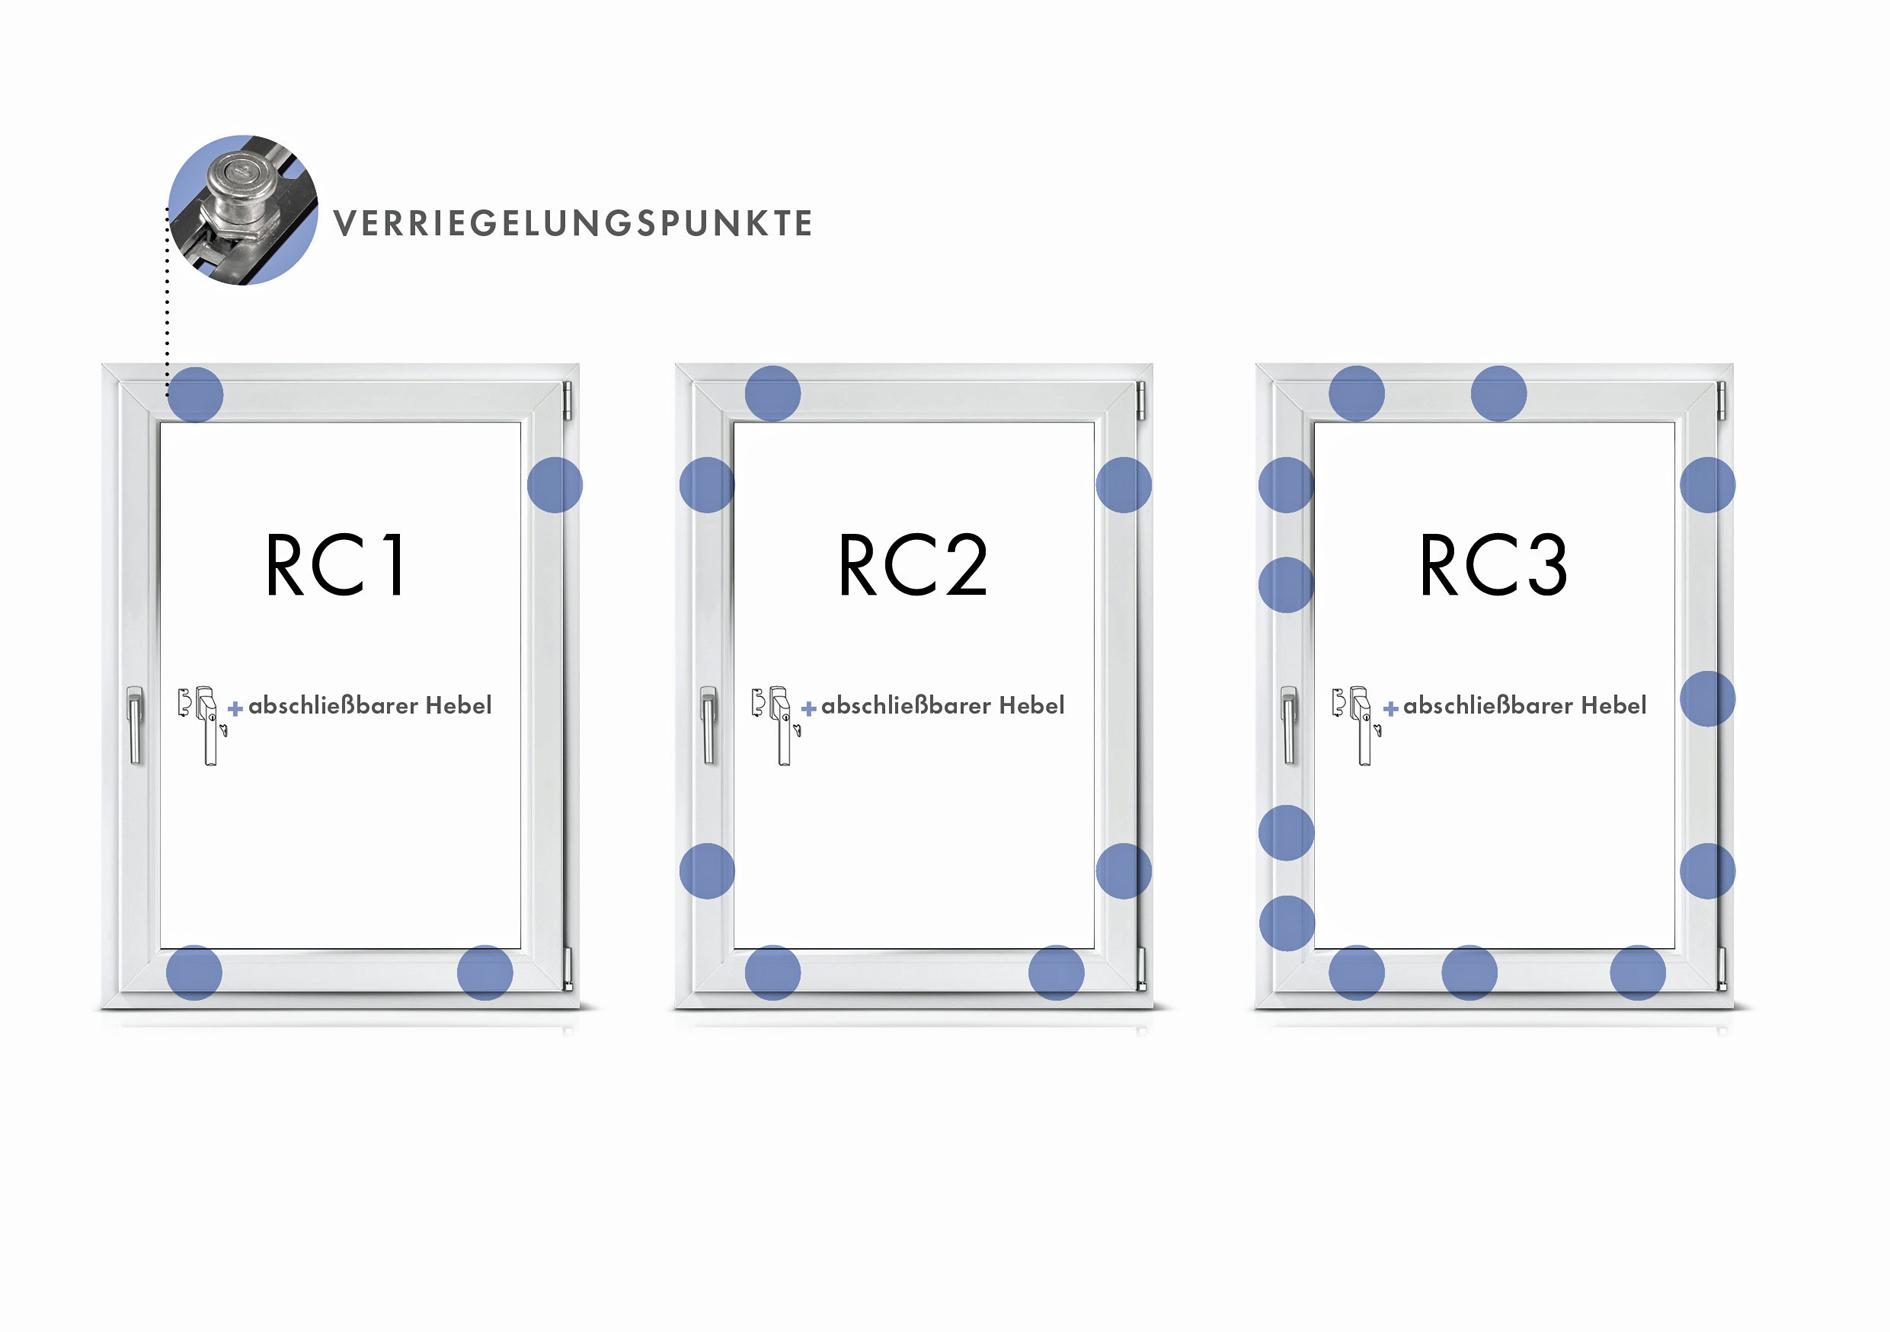 Full Size of Rc 2 Fenster Anforderungen Definition Montage Rc2 Preis Kosten Jalousie Velux Kaufen Regal 20 Cm Tief Rollos Innen 2er Sofa Mit Rolladen Einbauen Neue Erneuern Fenster Rc 2 Fenster